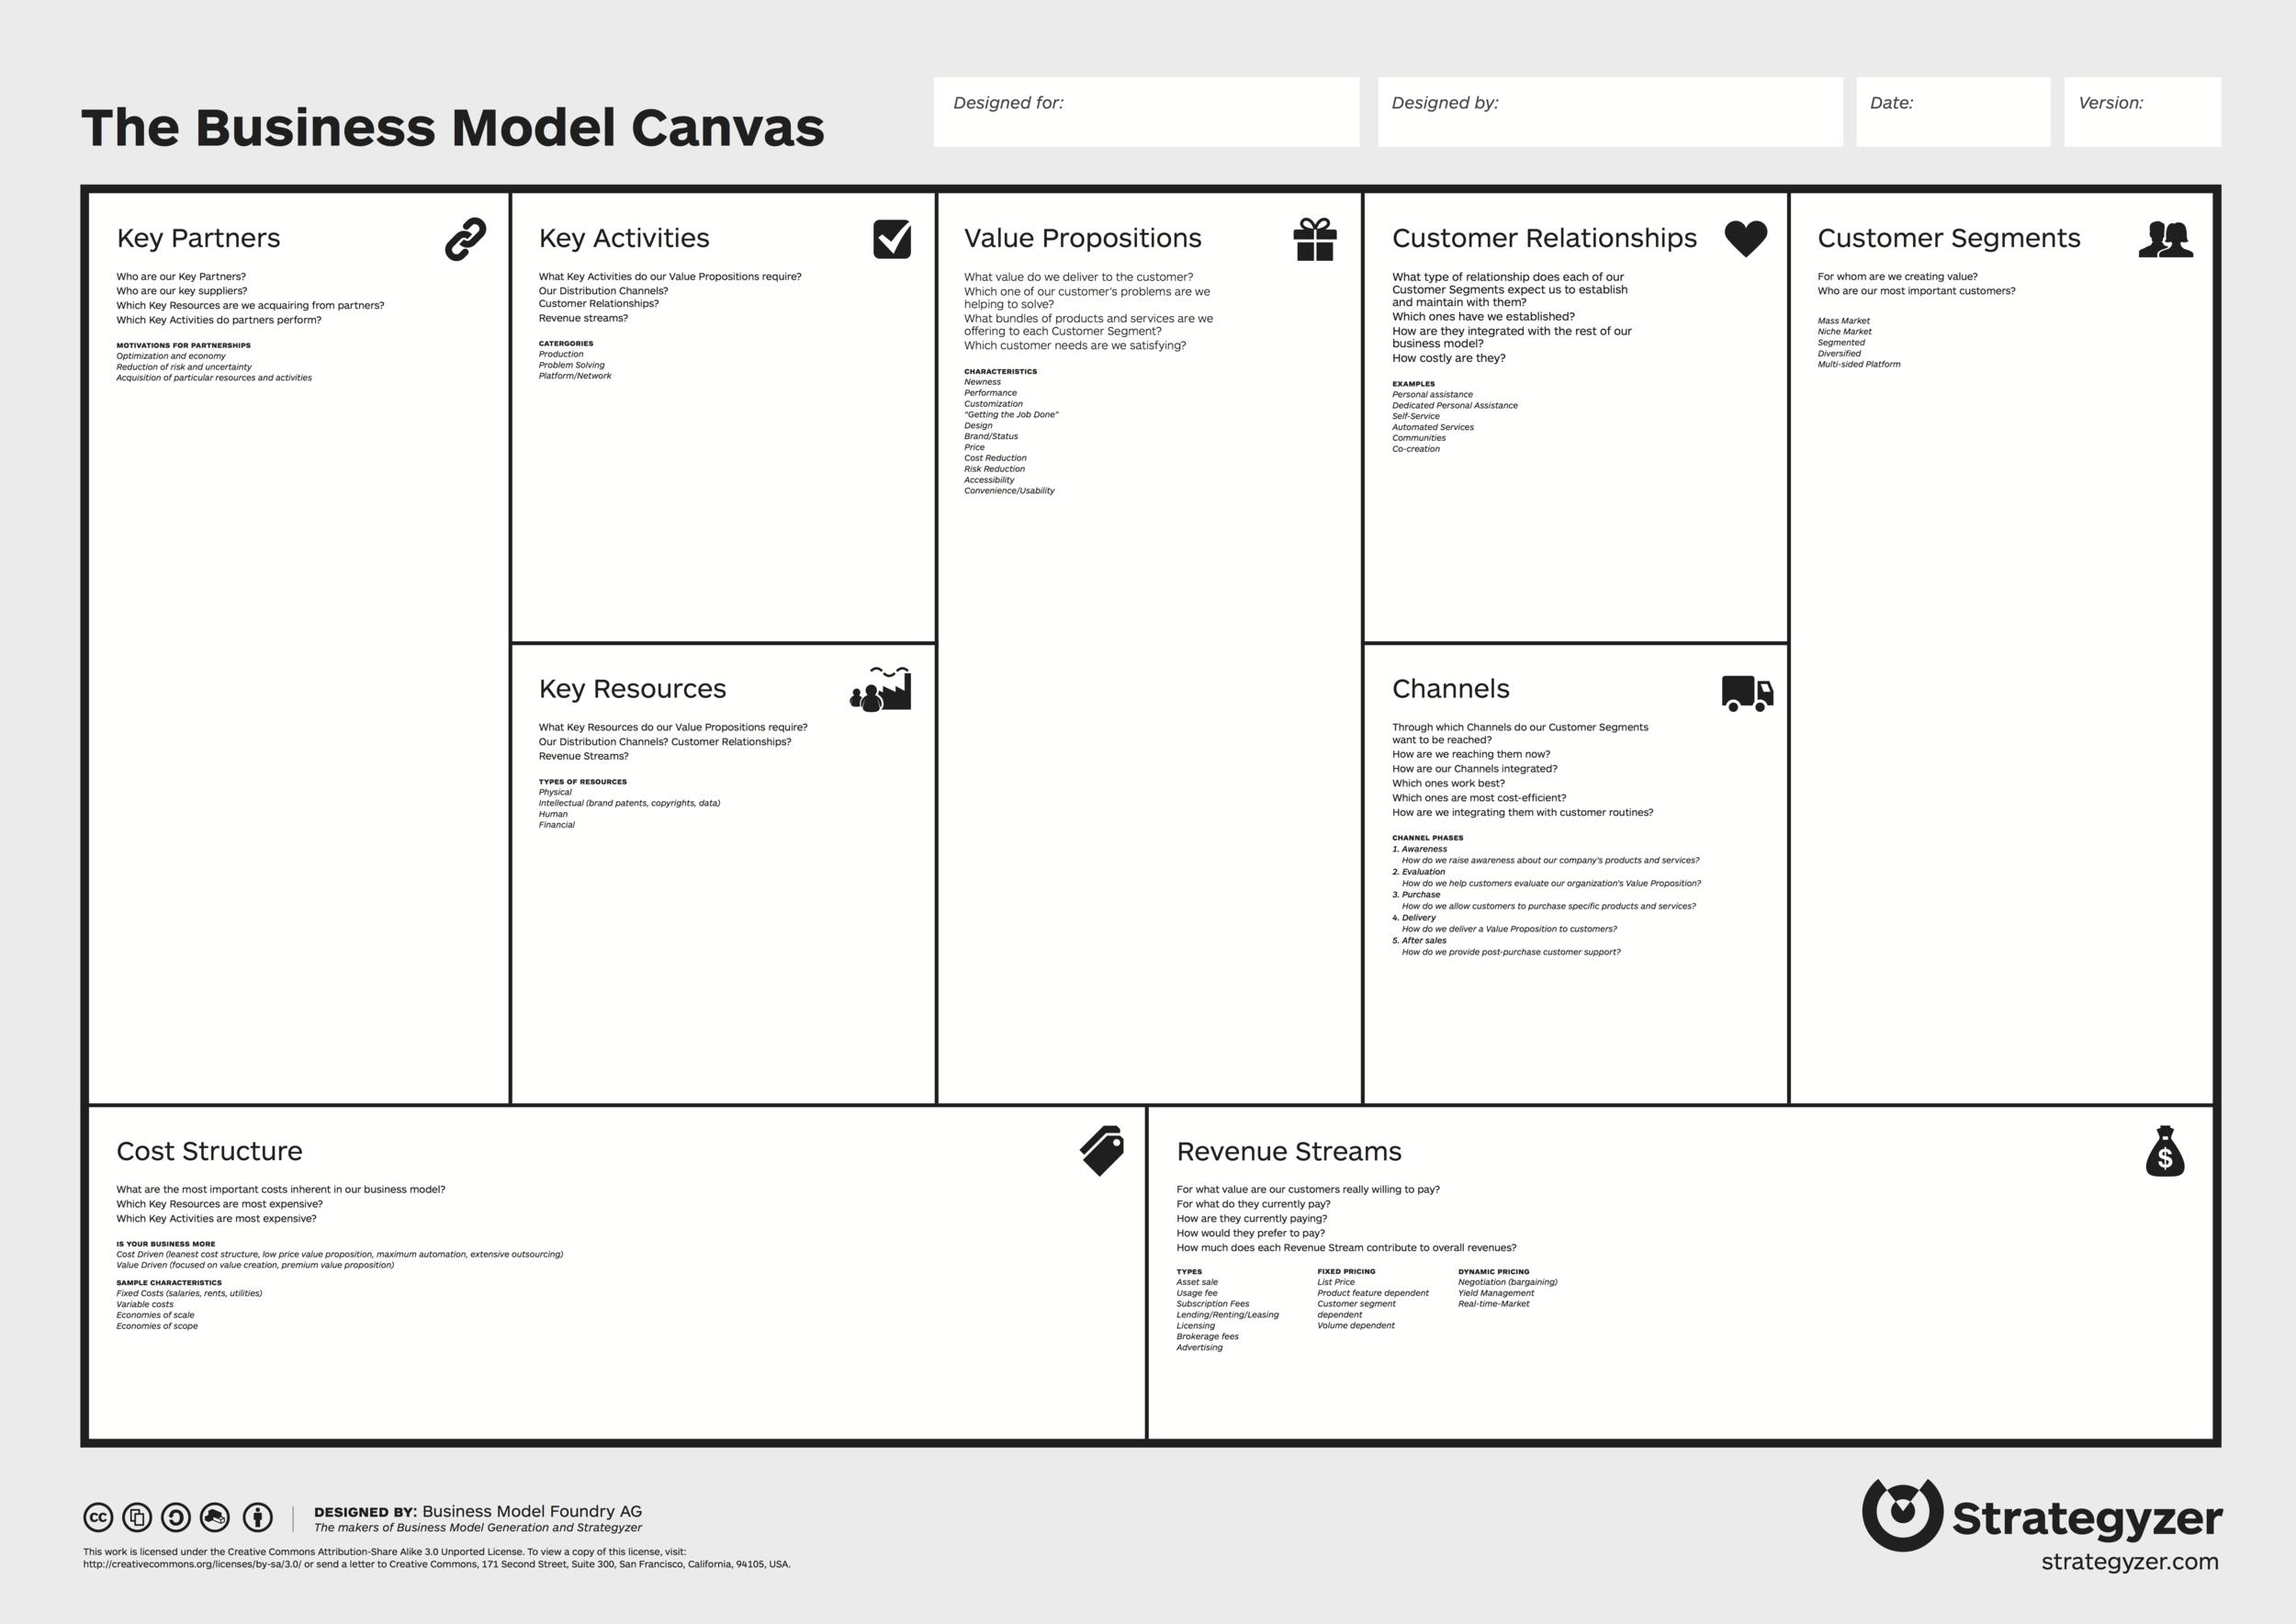 Business Model Canvas: nine business model building blocks, Osterwalder, Pigneur & al. 2010